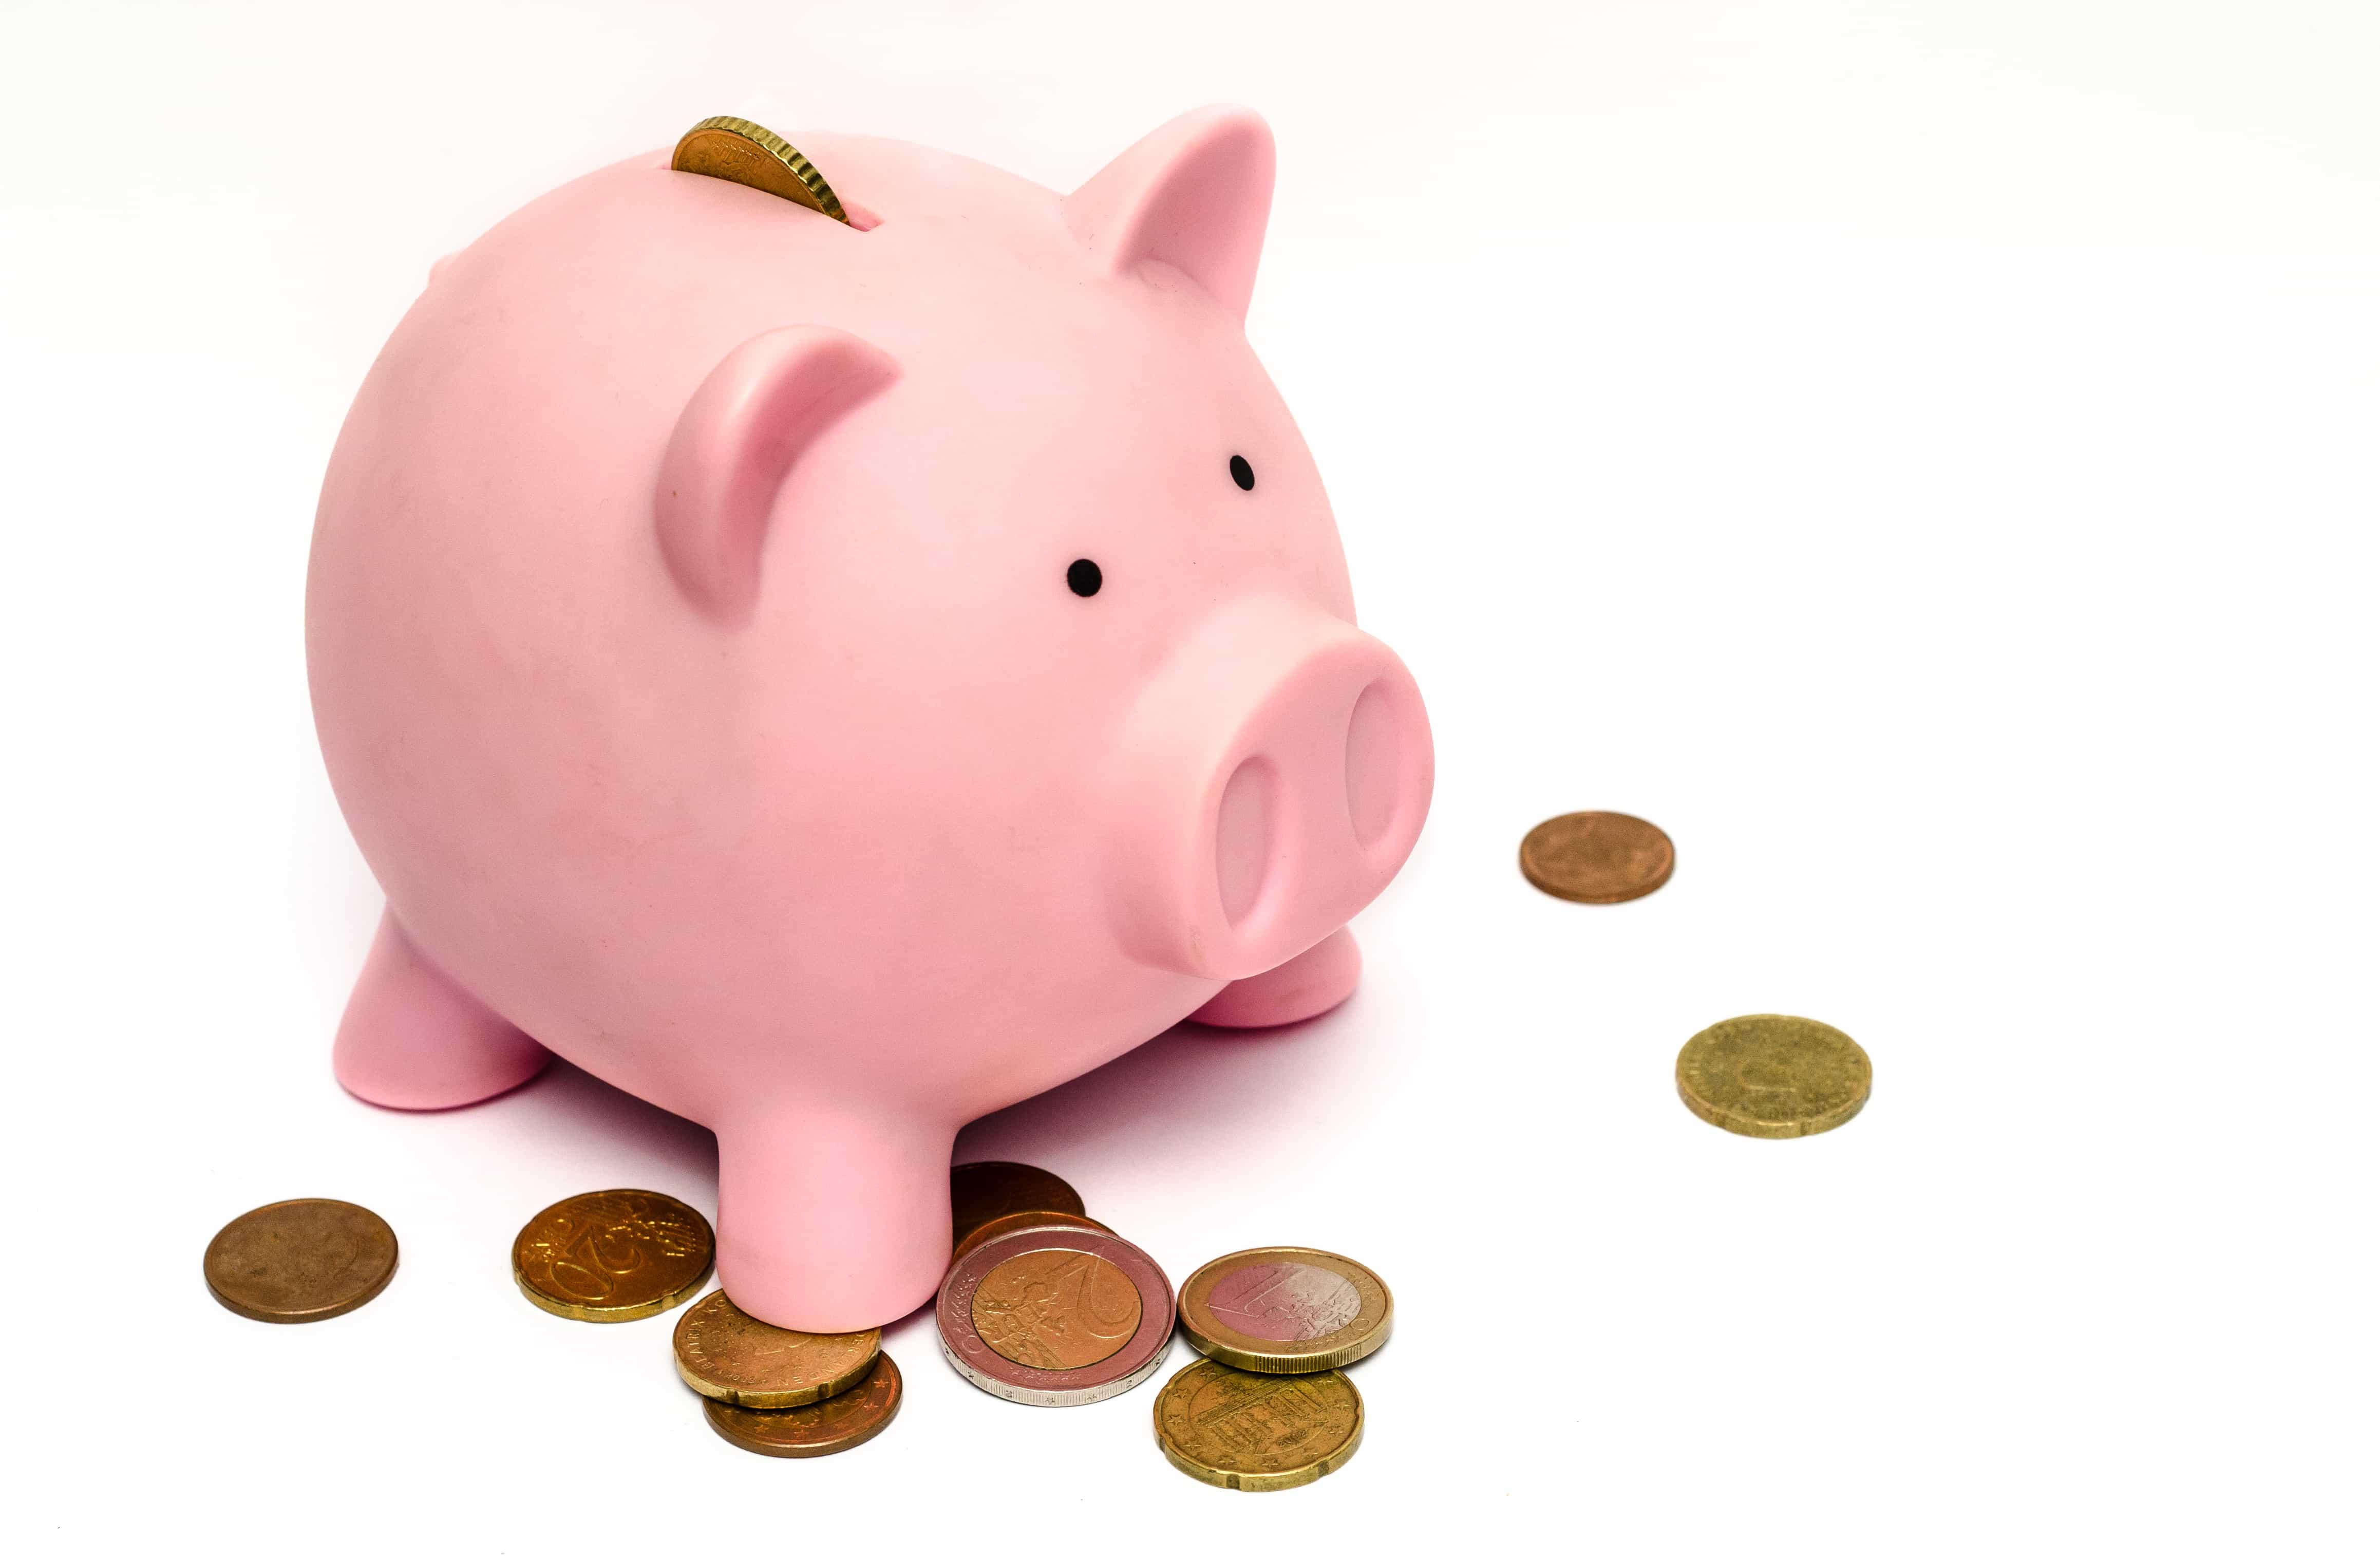 Инвестируйте только свободные деньги и сбережения